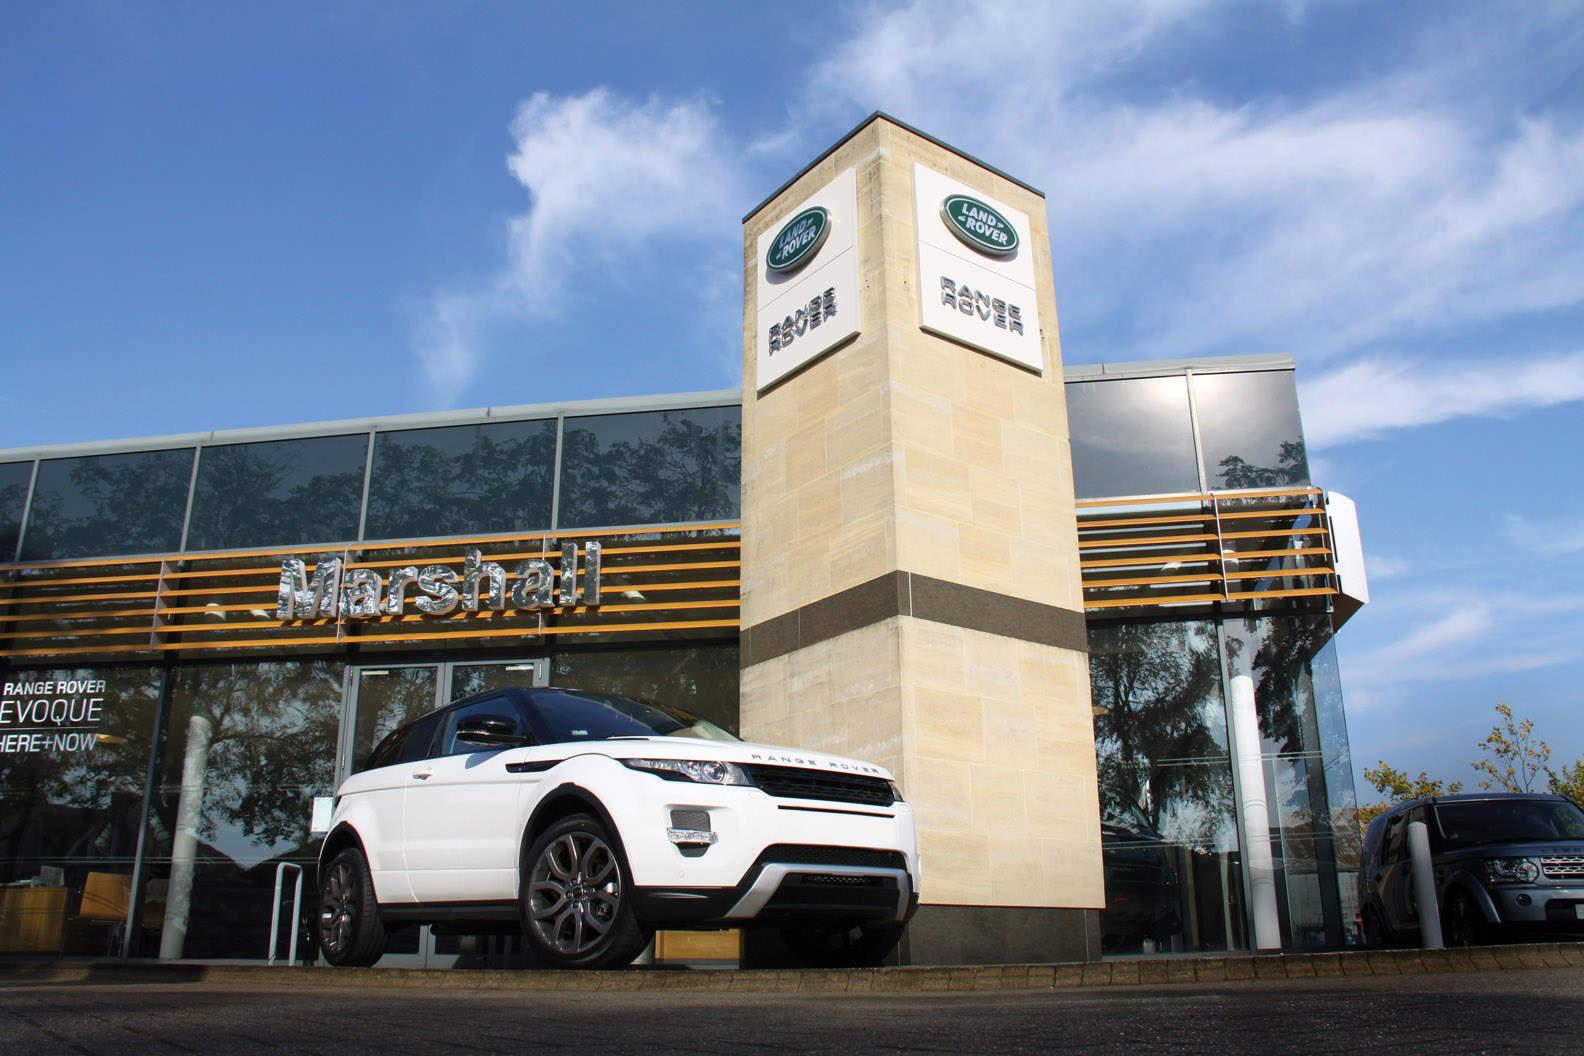 Nfda Survey Dealer Satisfaction With Finance Keeps